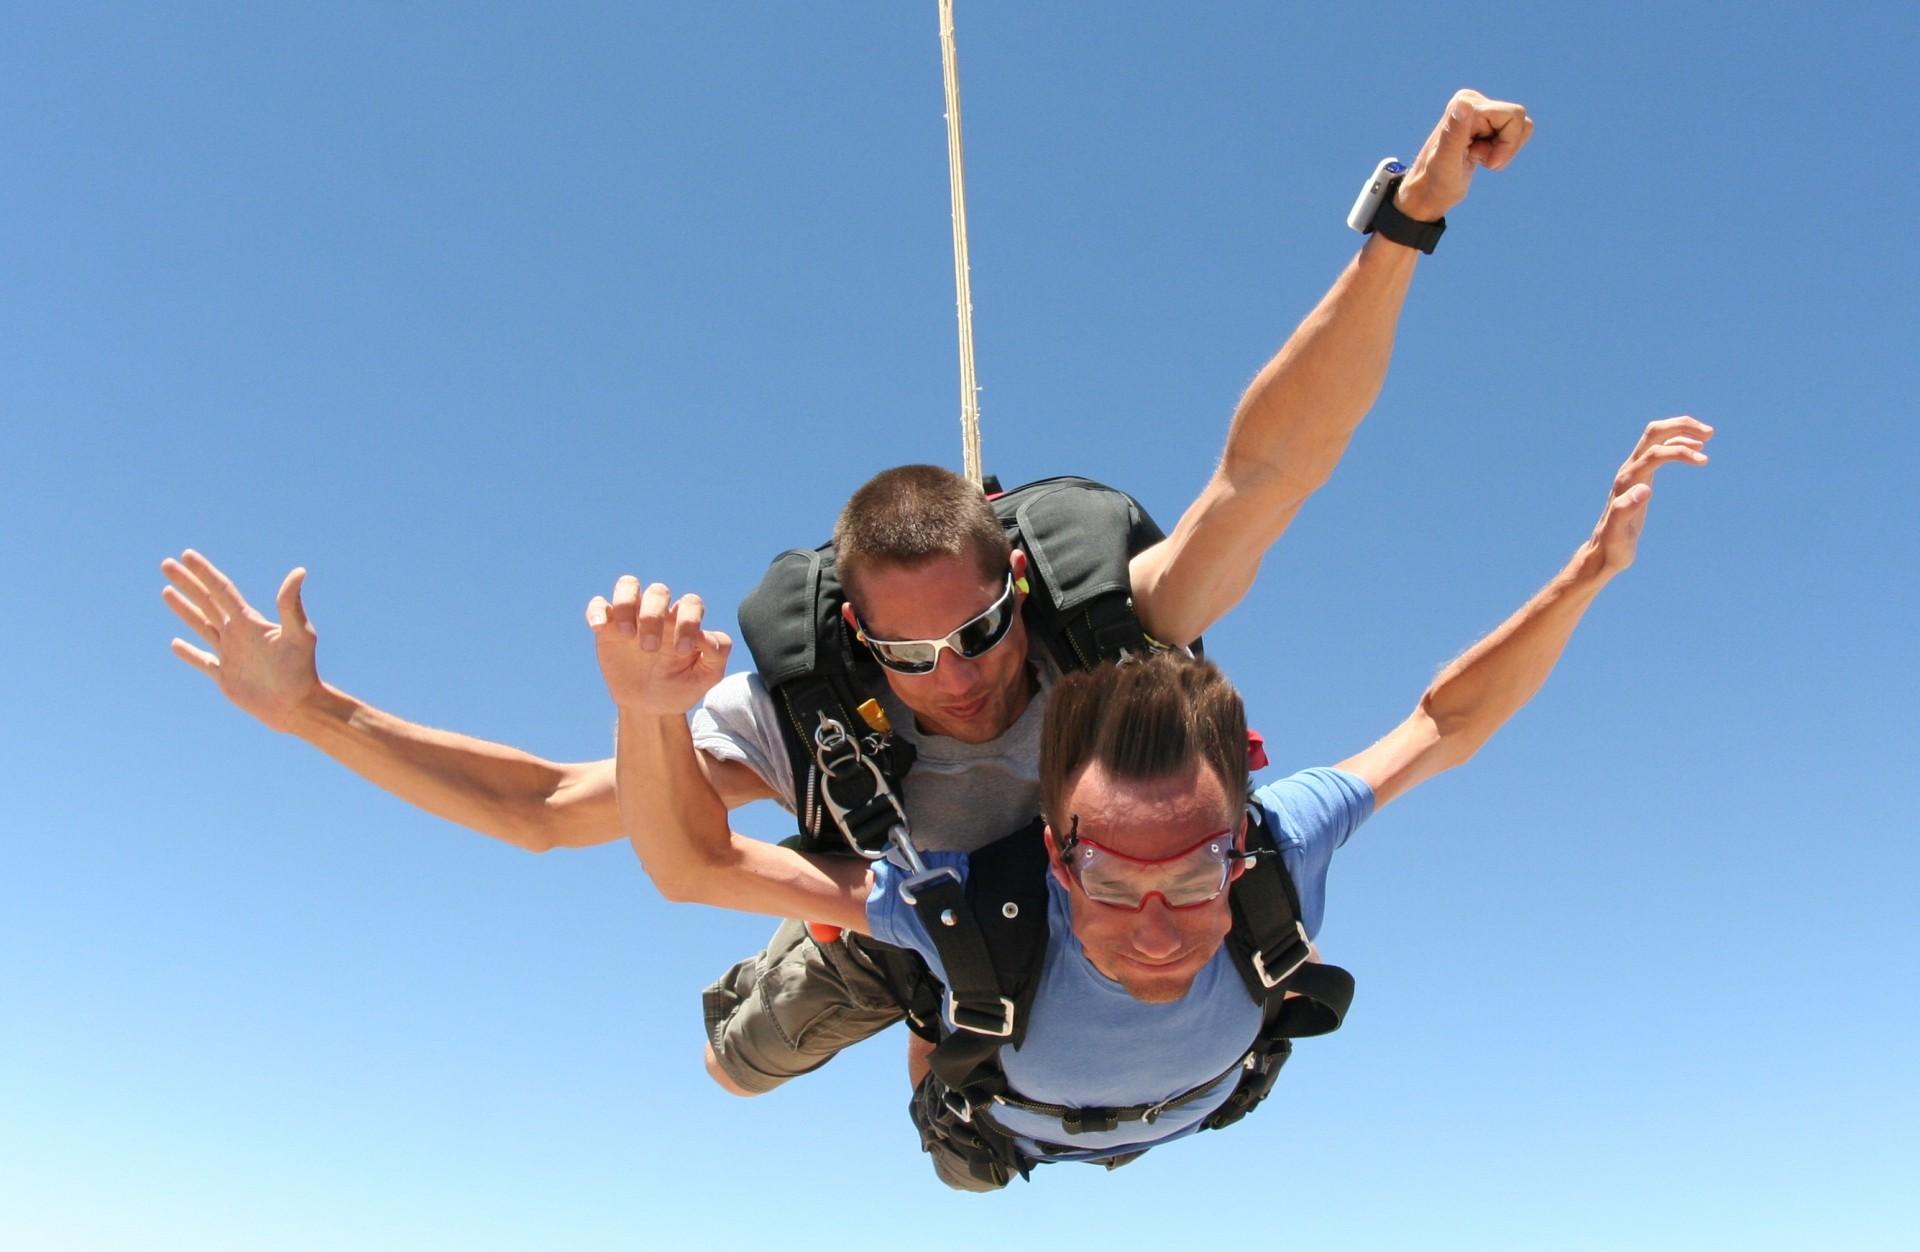 Lancio con paracadute in tandem in Umbria